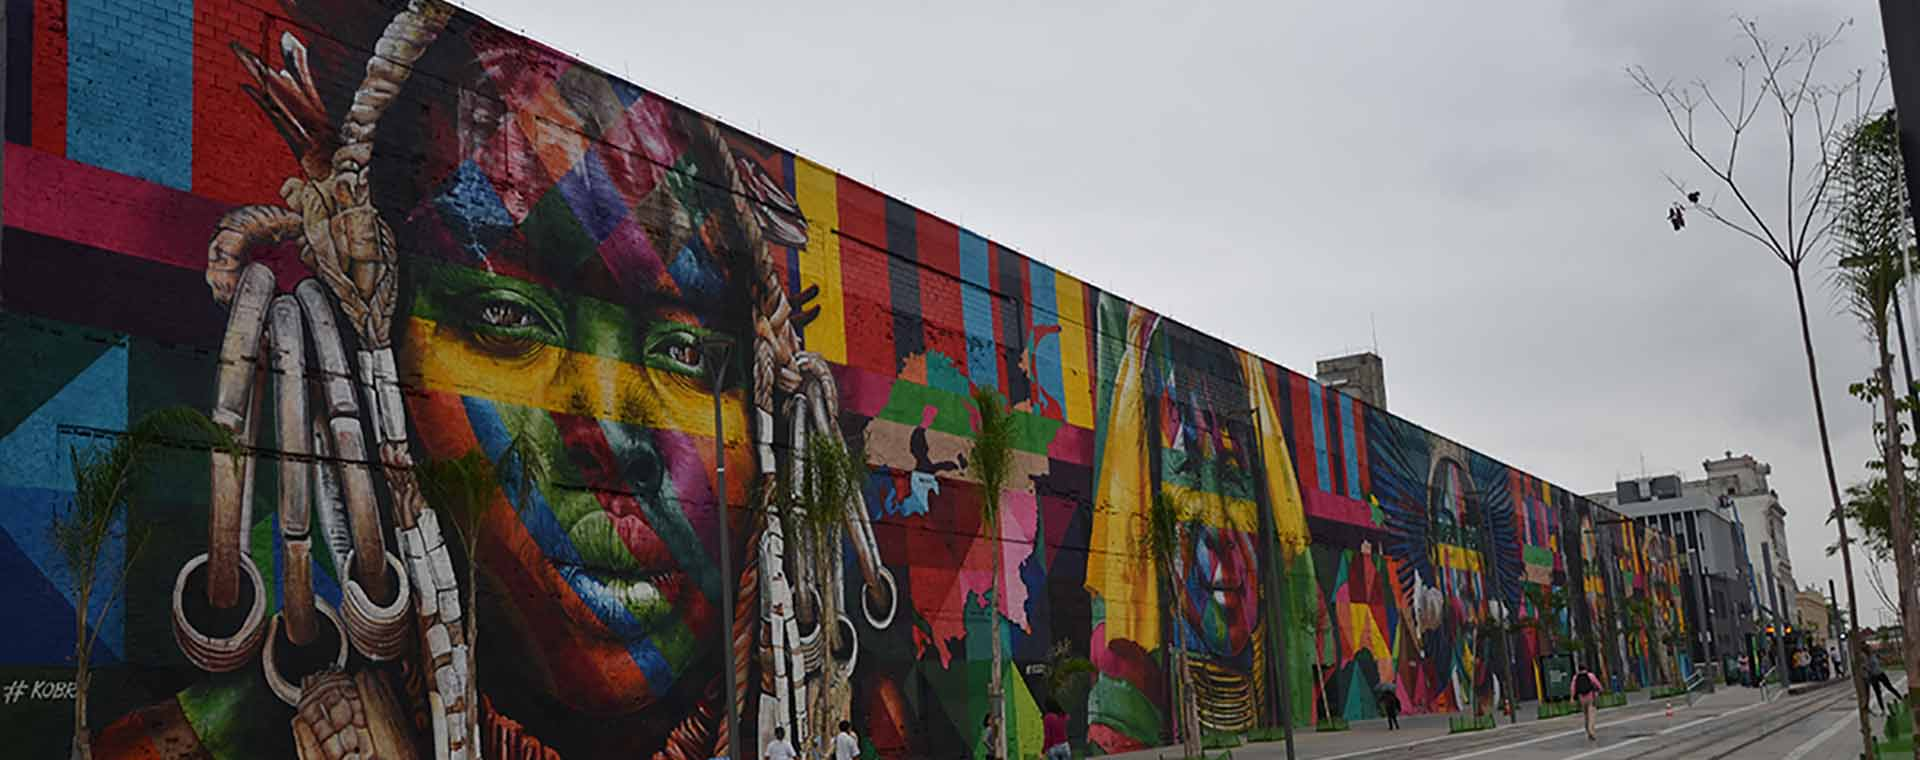 Descubra os segredos africanos do Rio